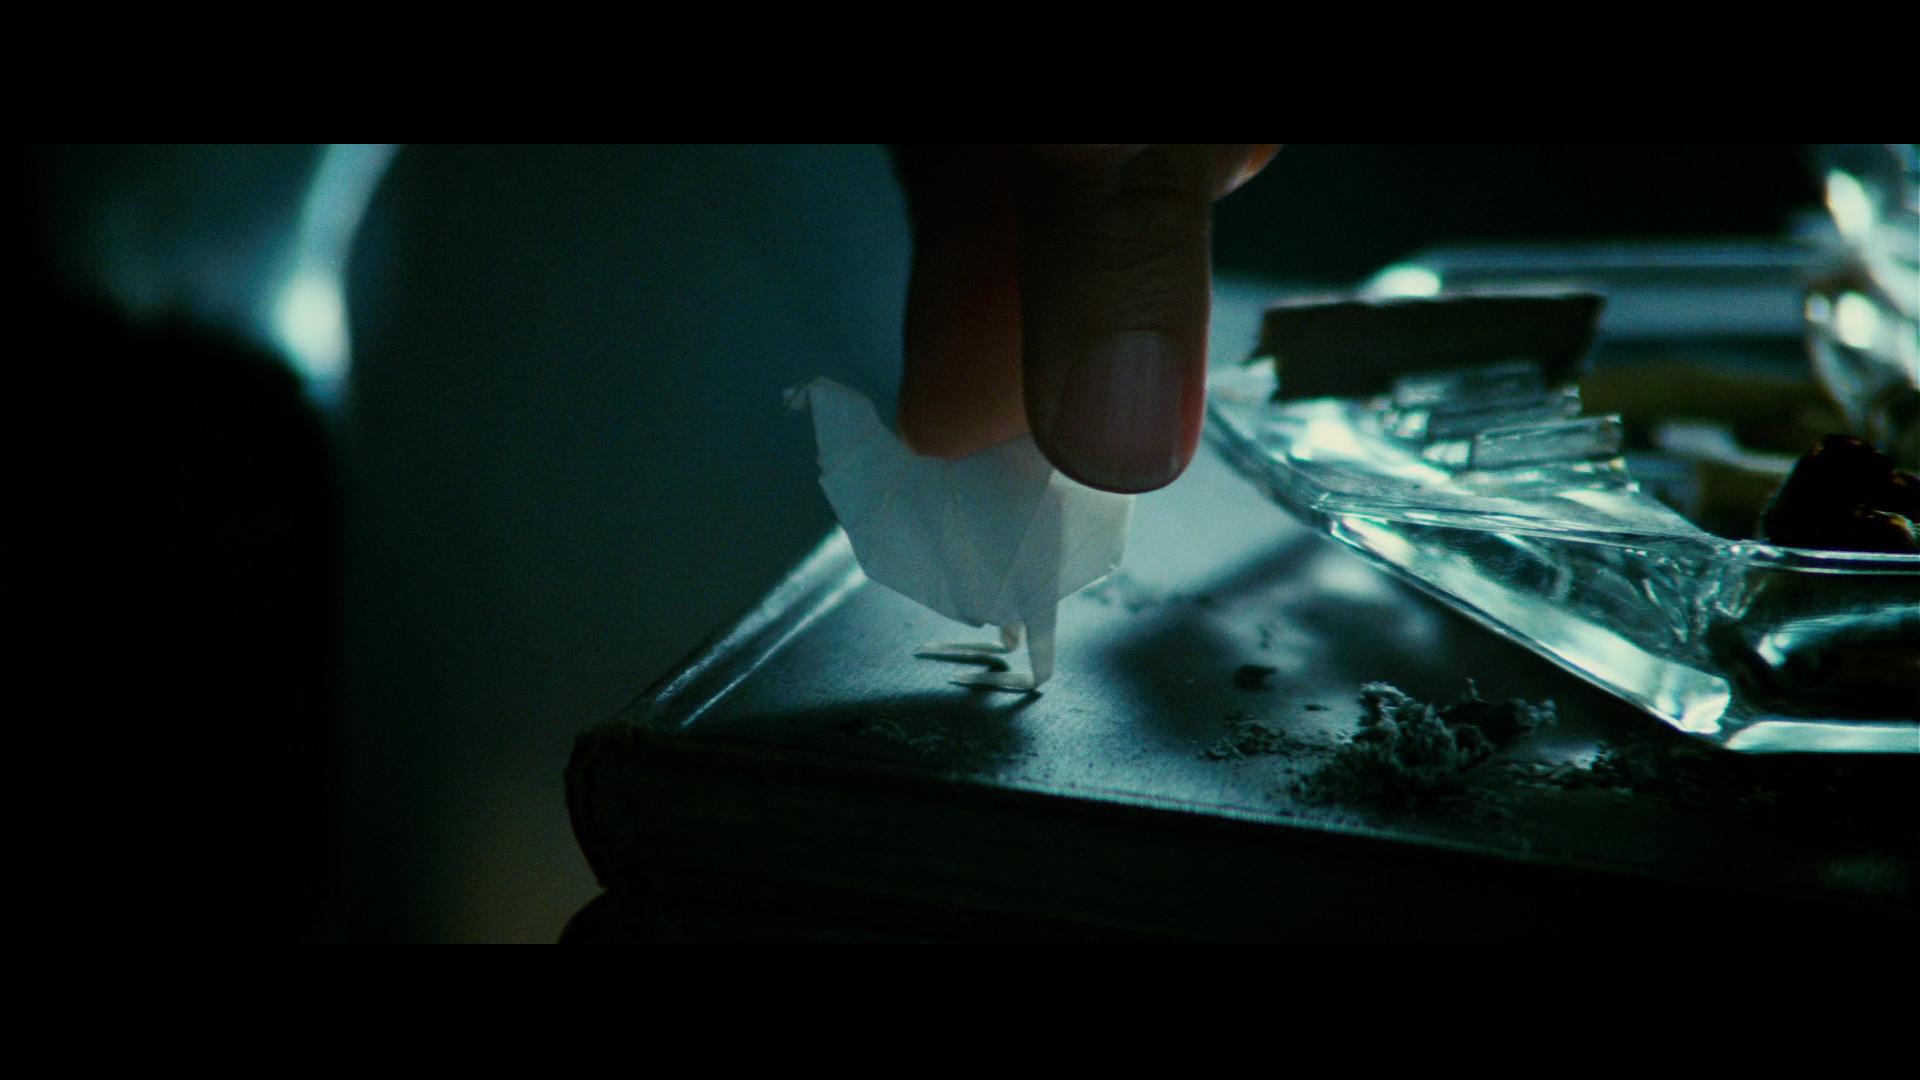 Blade Runner Wallpaper 1920x1080 Blade Runner 1920x1080